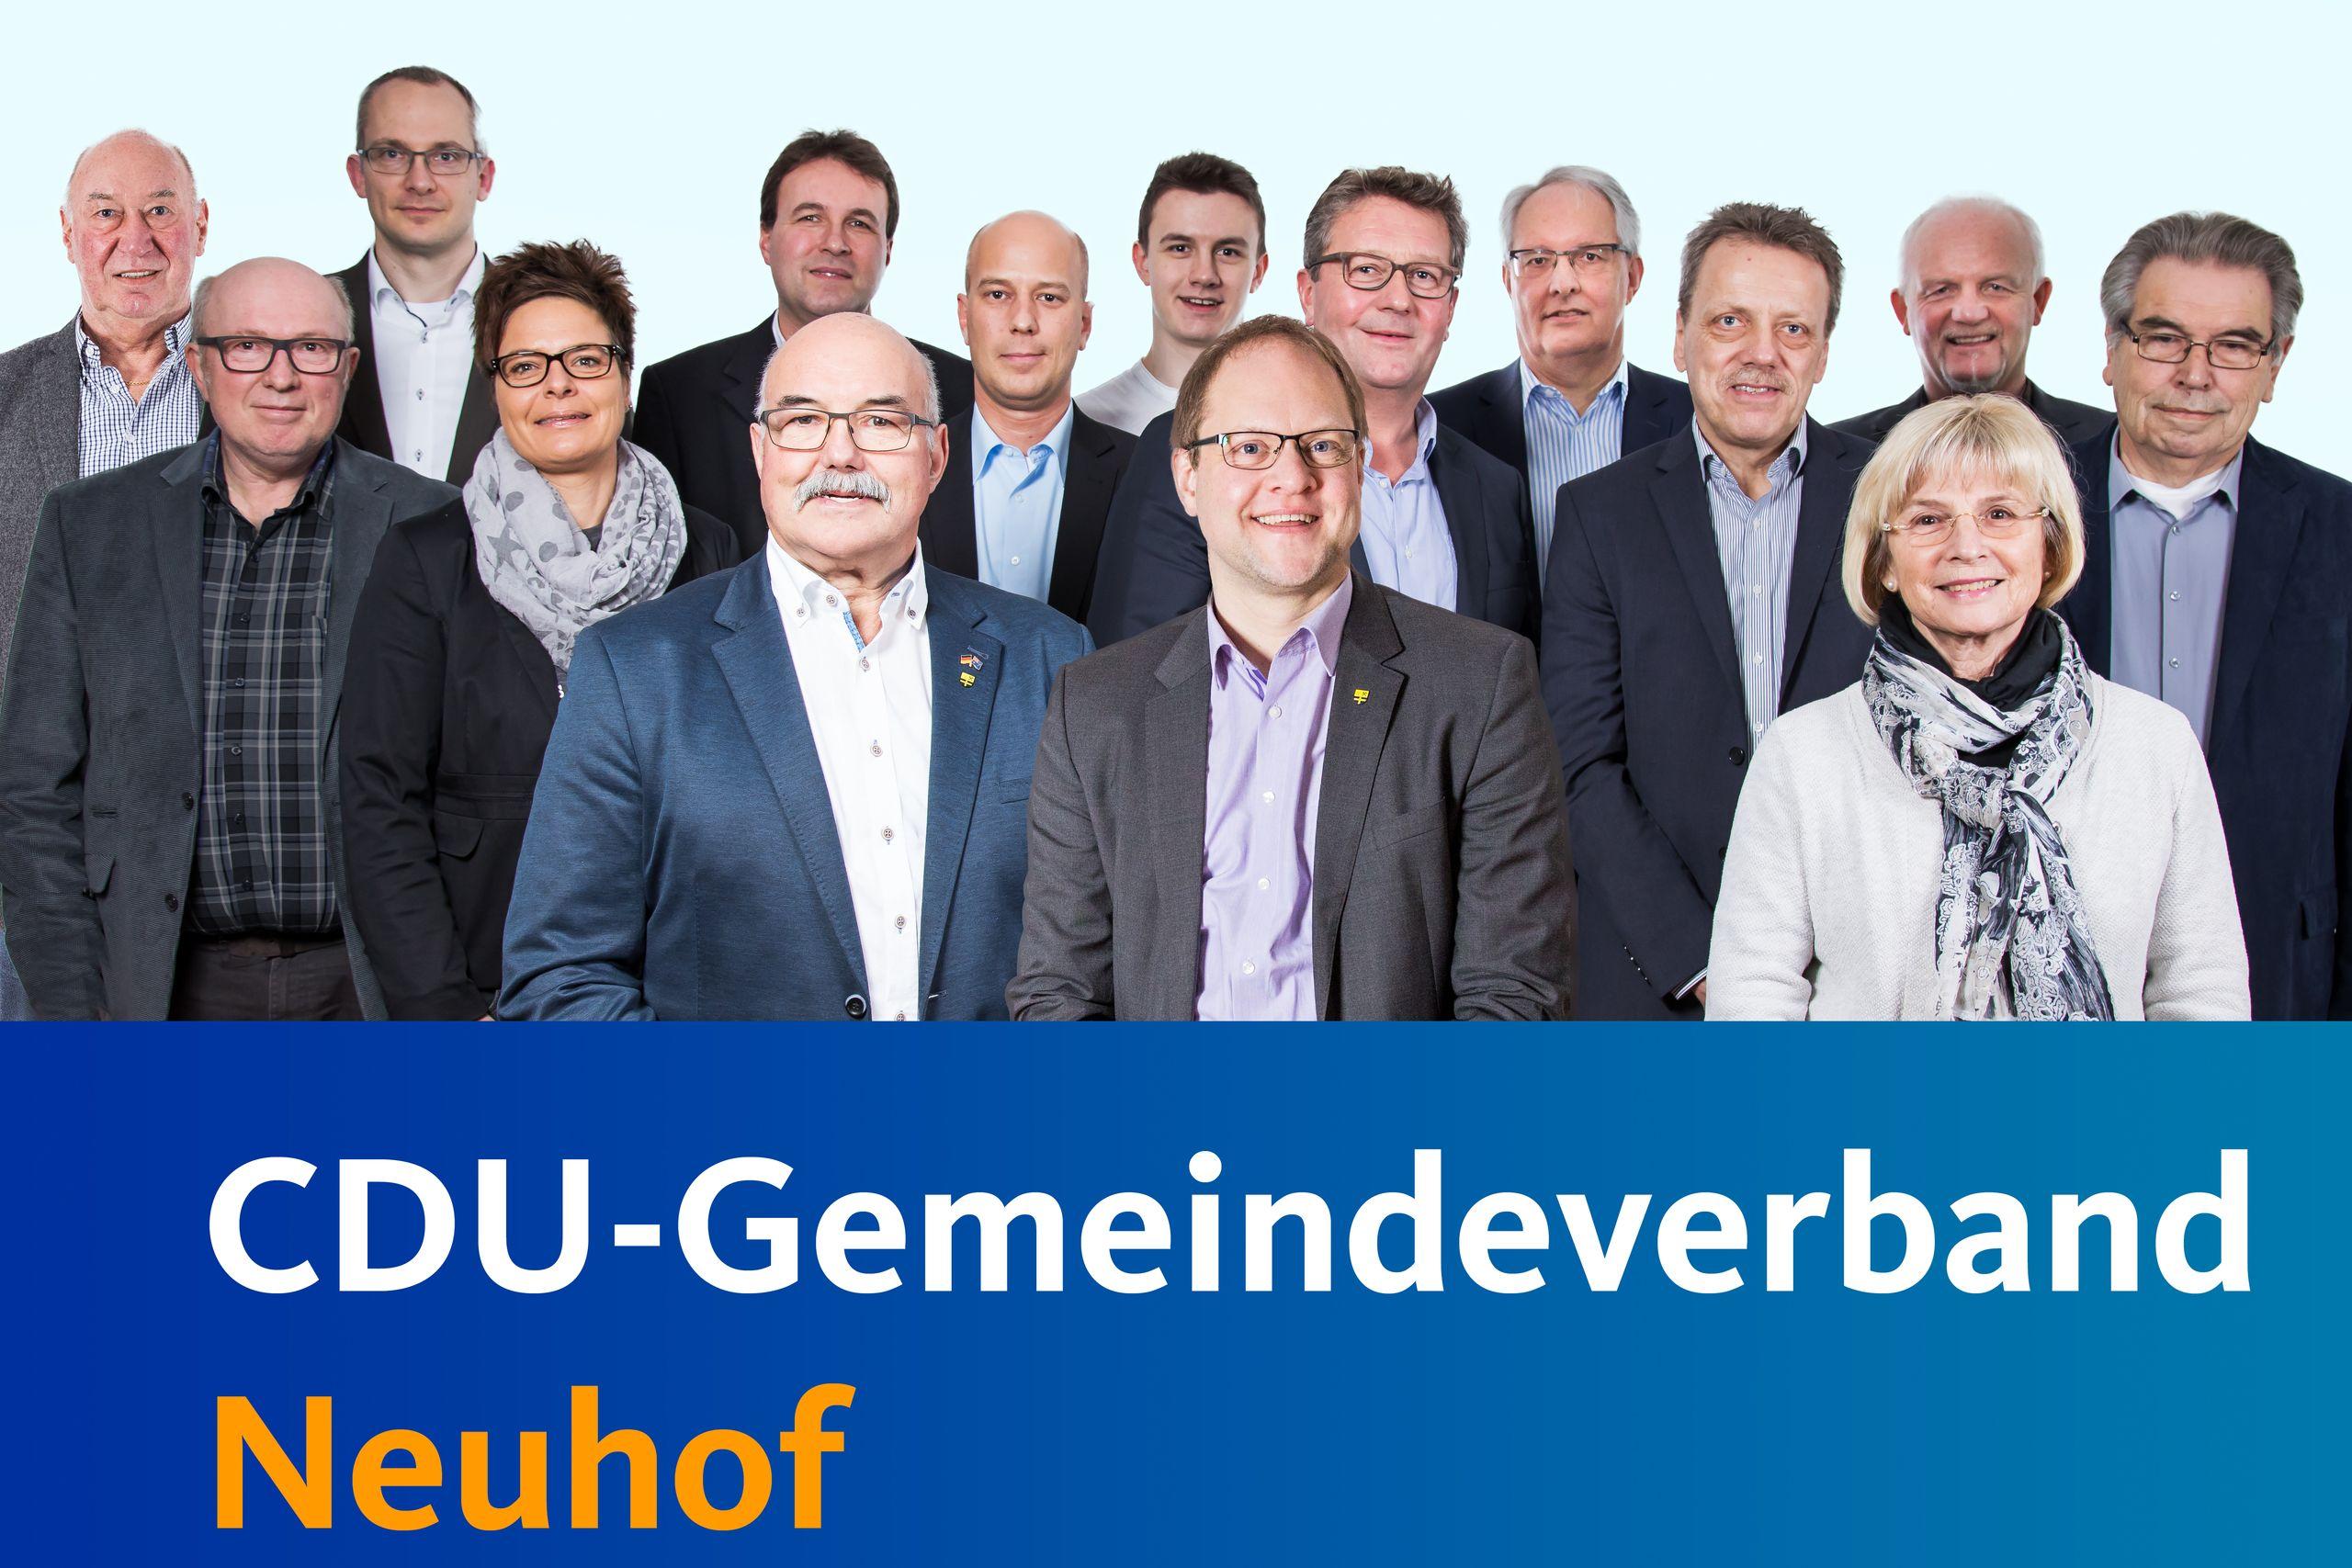 Neuhofer CDU - CDU-Vorstand einstimmig gewählt